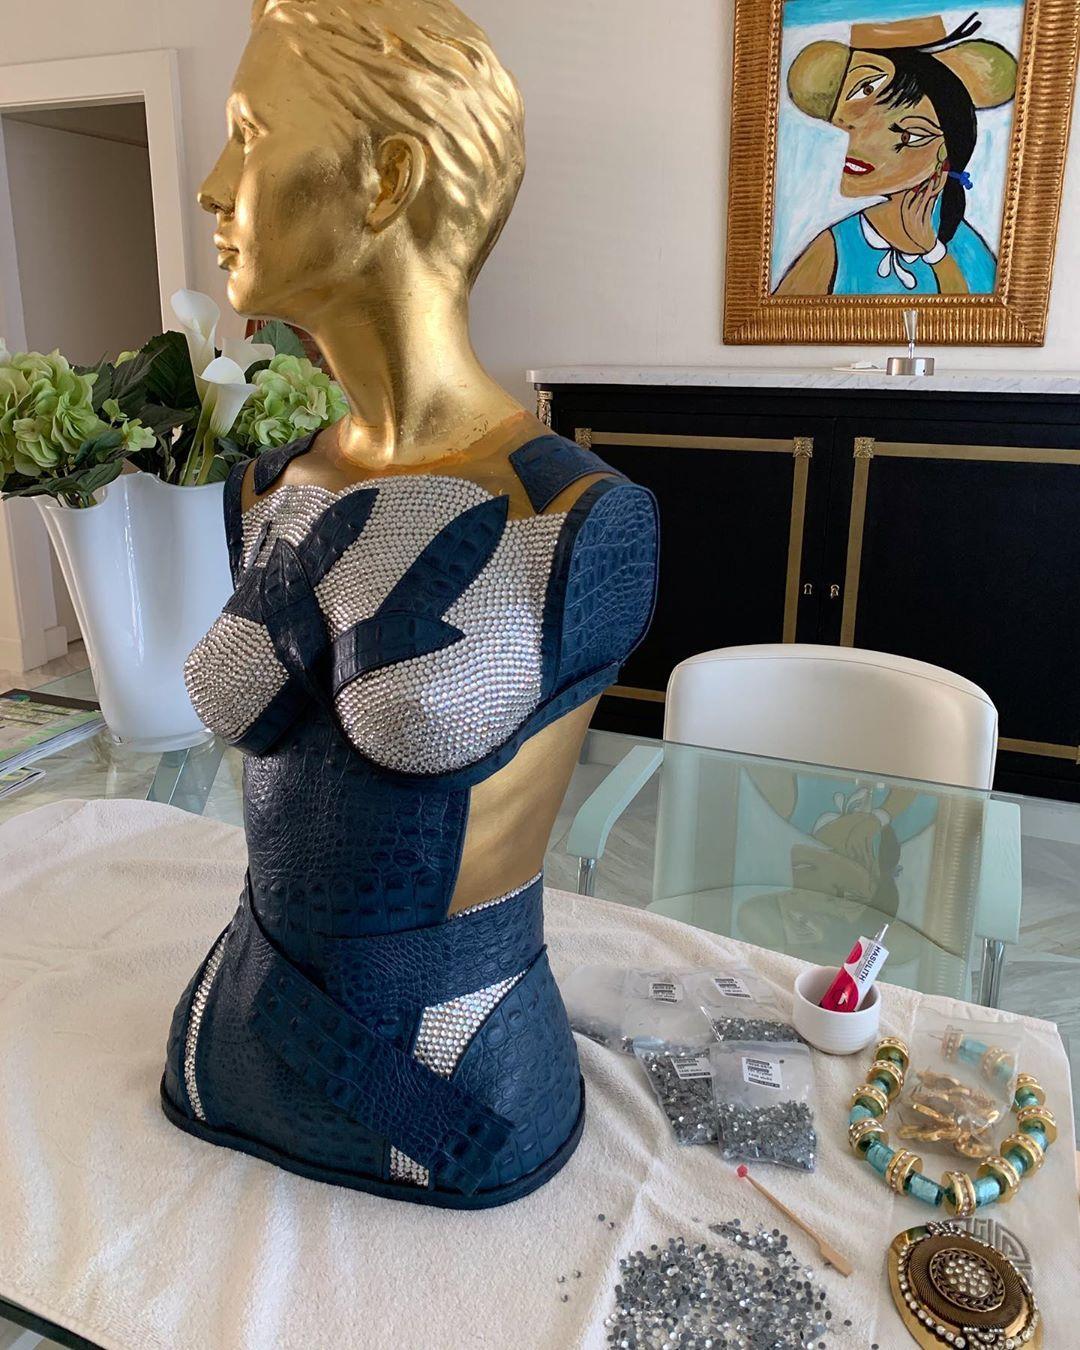 #Still in progress#goldleaf #blauw#croco#torsoart#swarovski #jewelry#